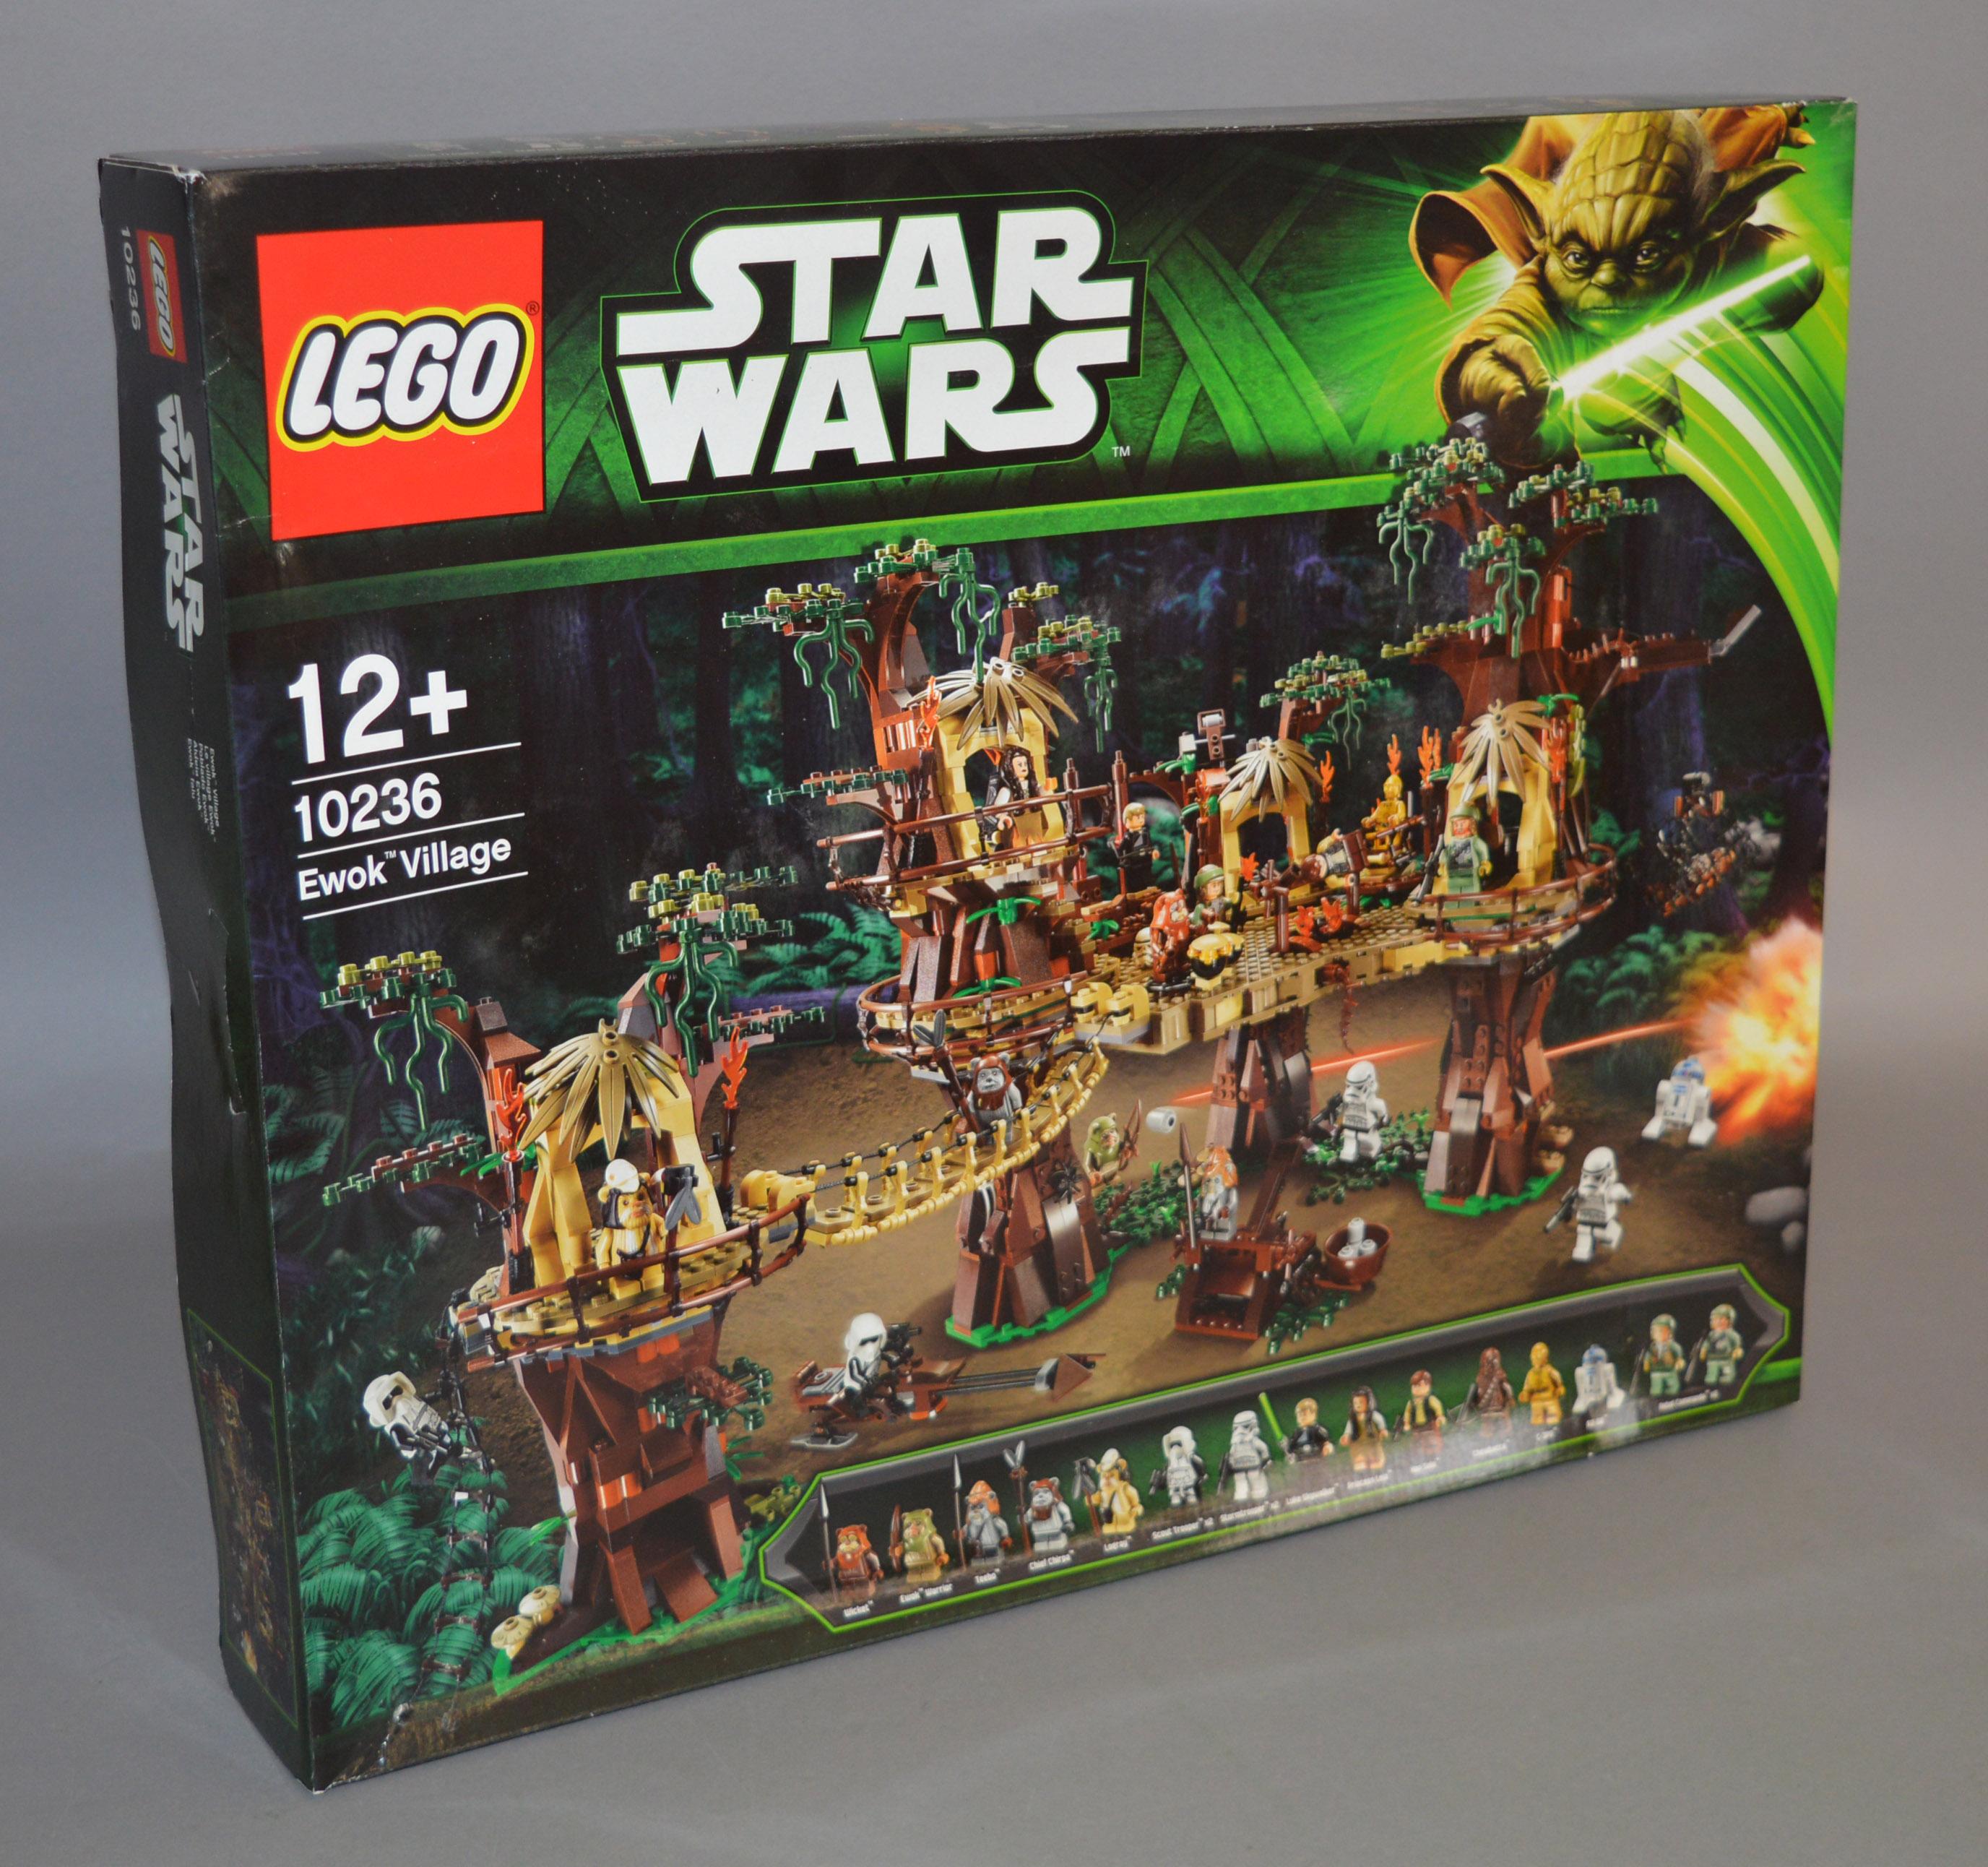 Lot 7 - Lego Star Wars 10236 'Ewok Village', sealed in G+ box with some undulation.